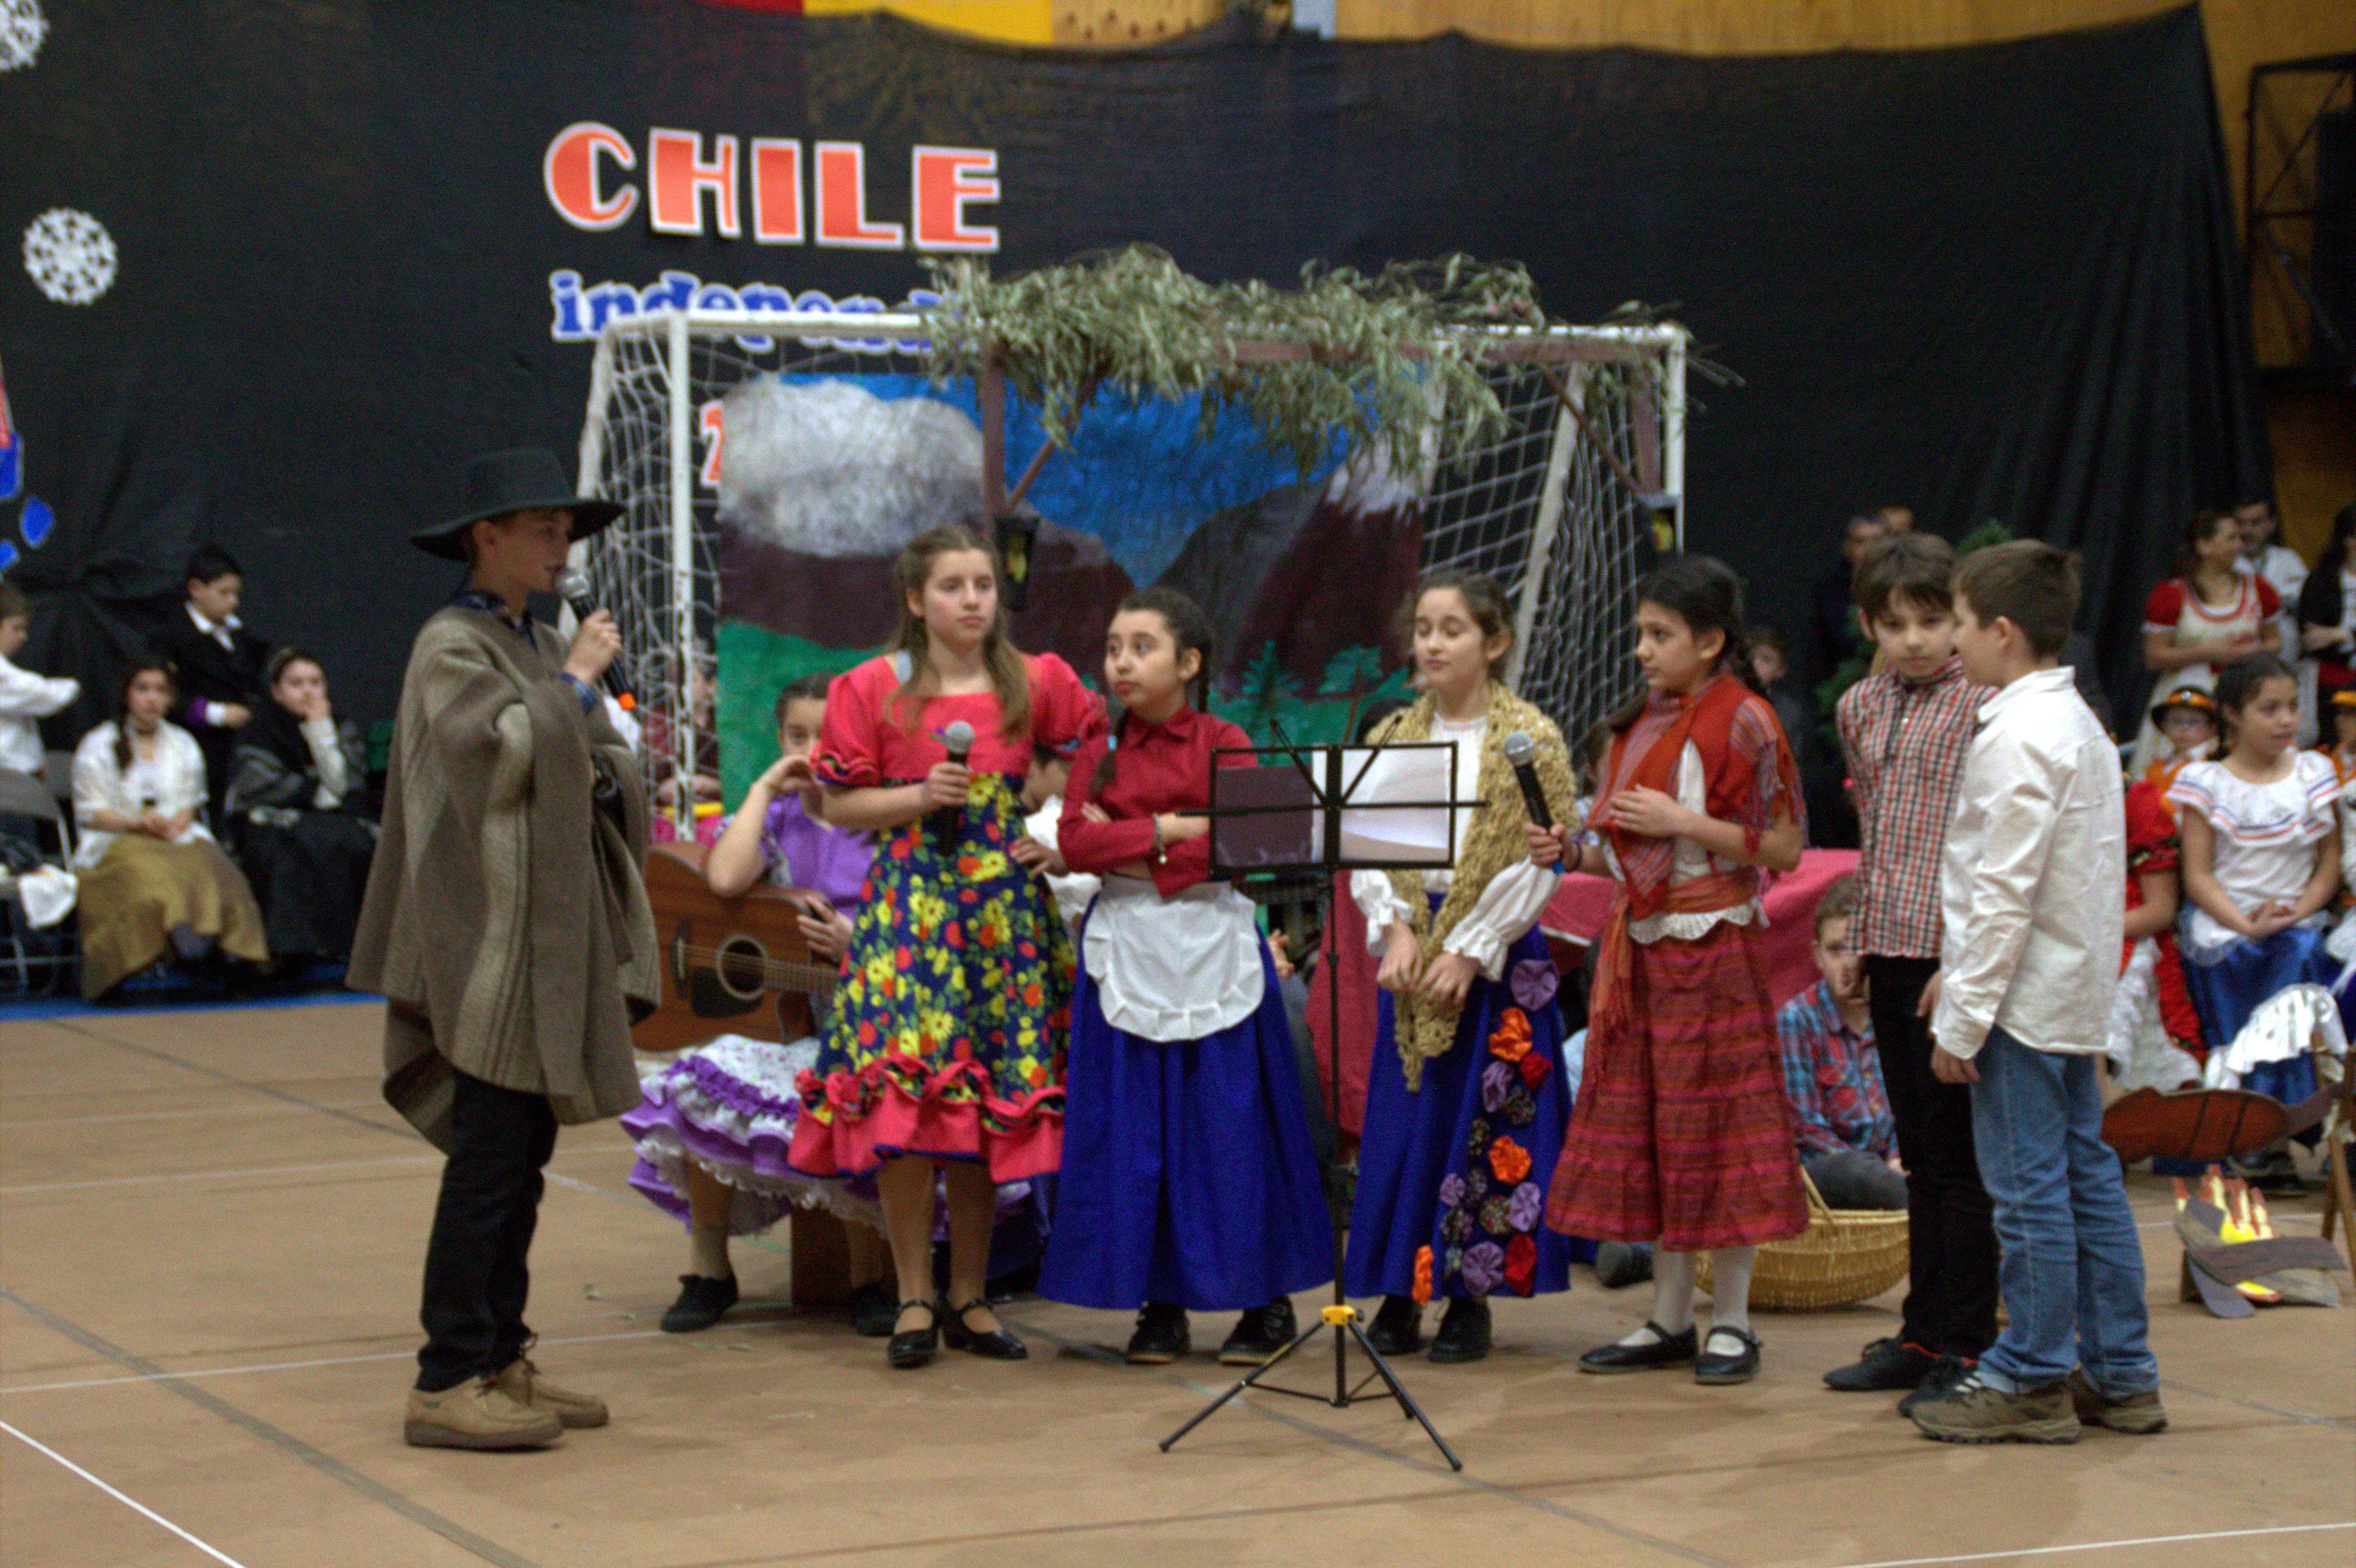 La_construcción_de_Chile_en_versos